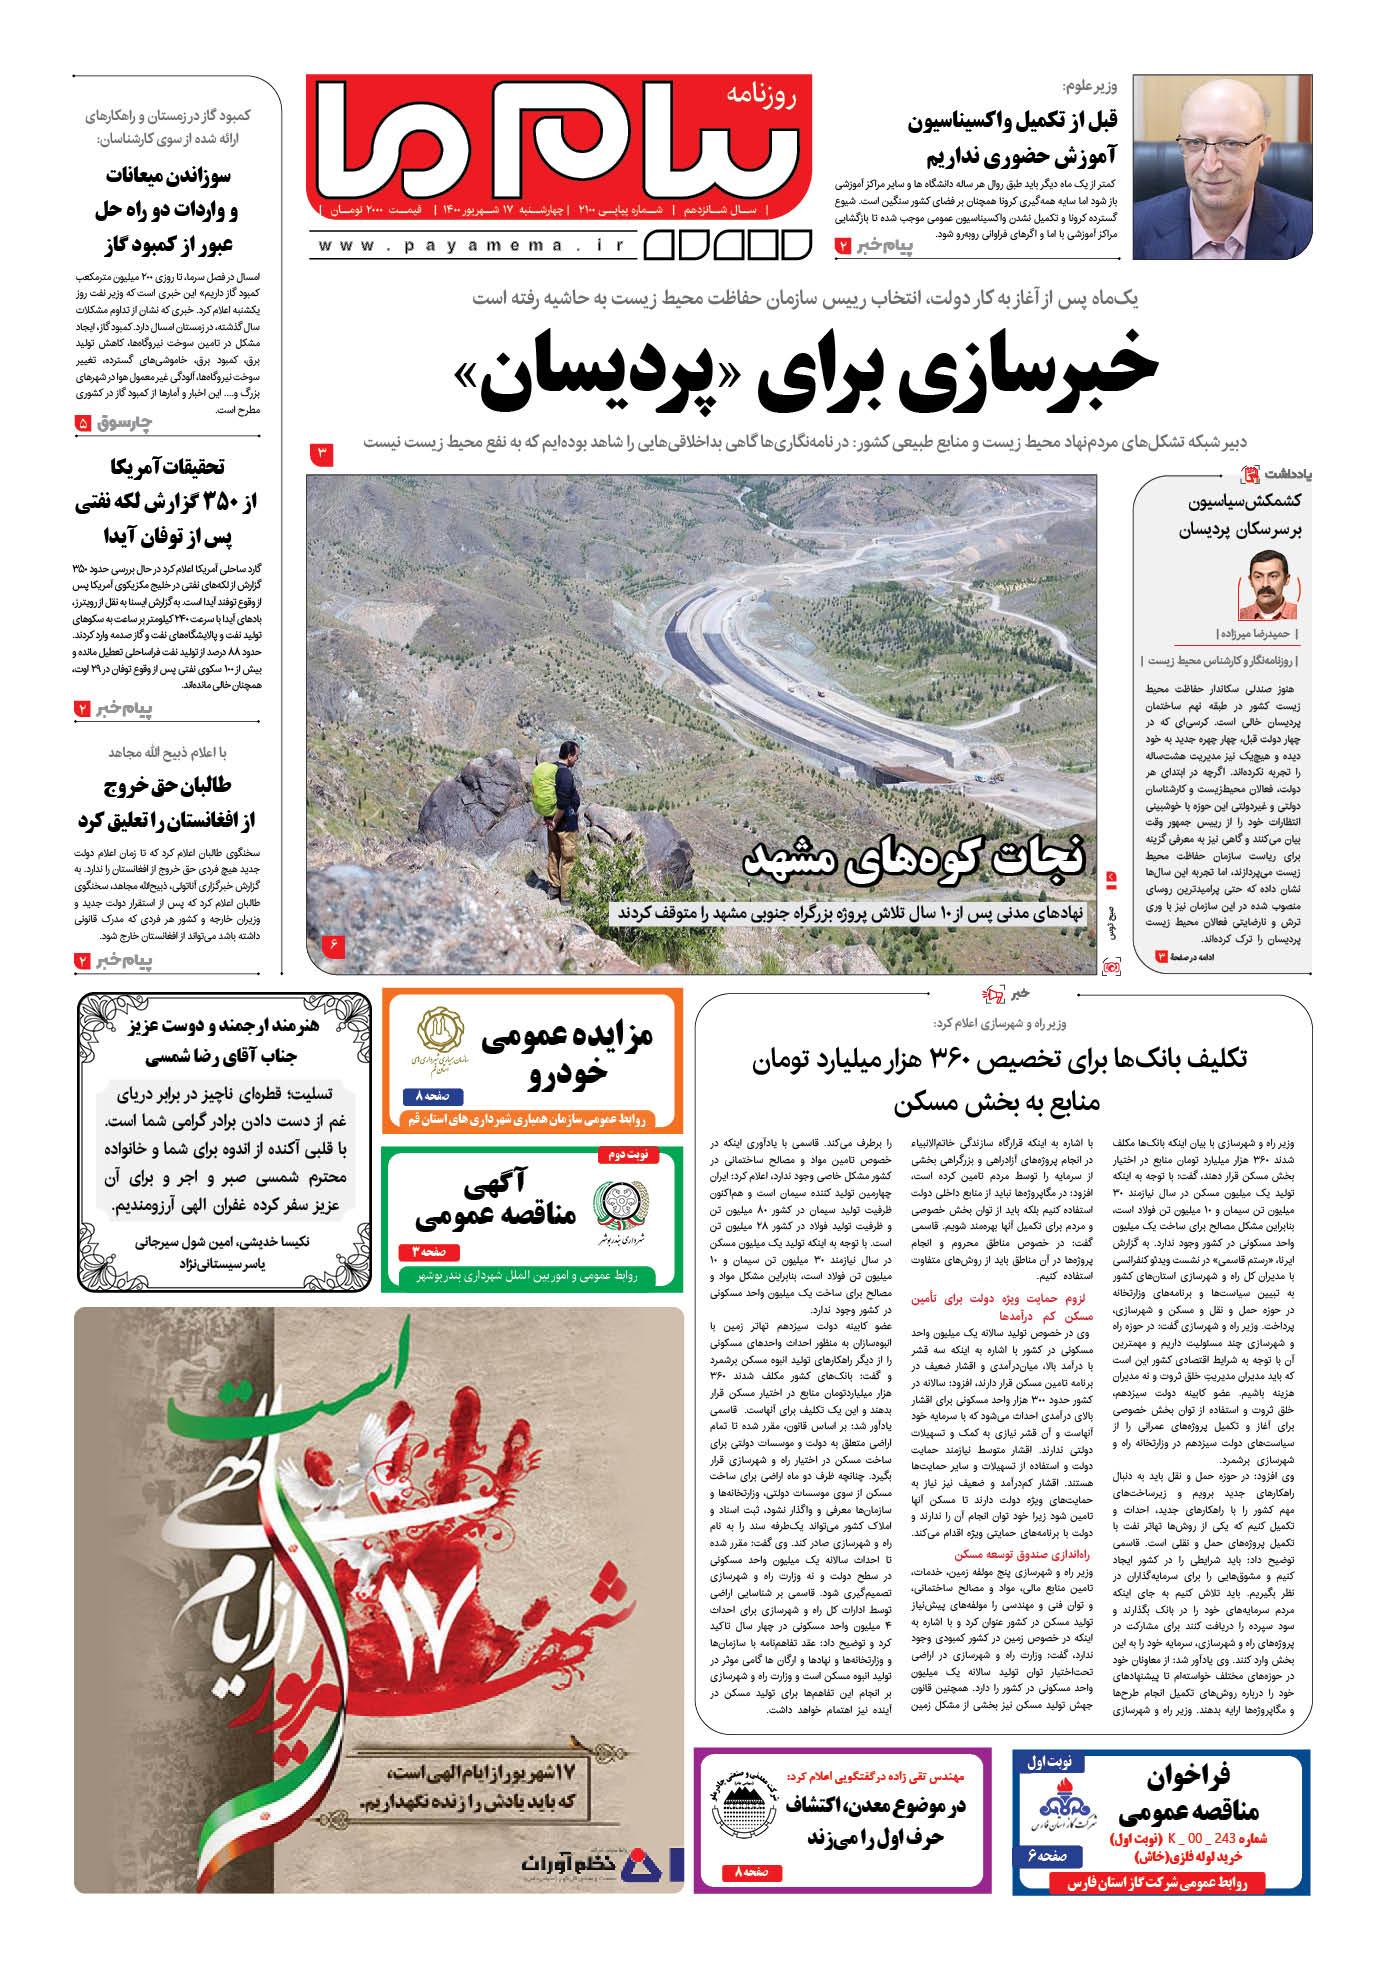 صفحه اول شماره 2100 روزنامه پیام ما